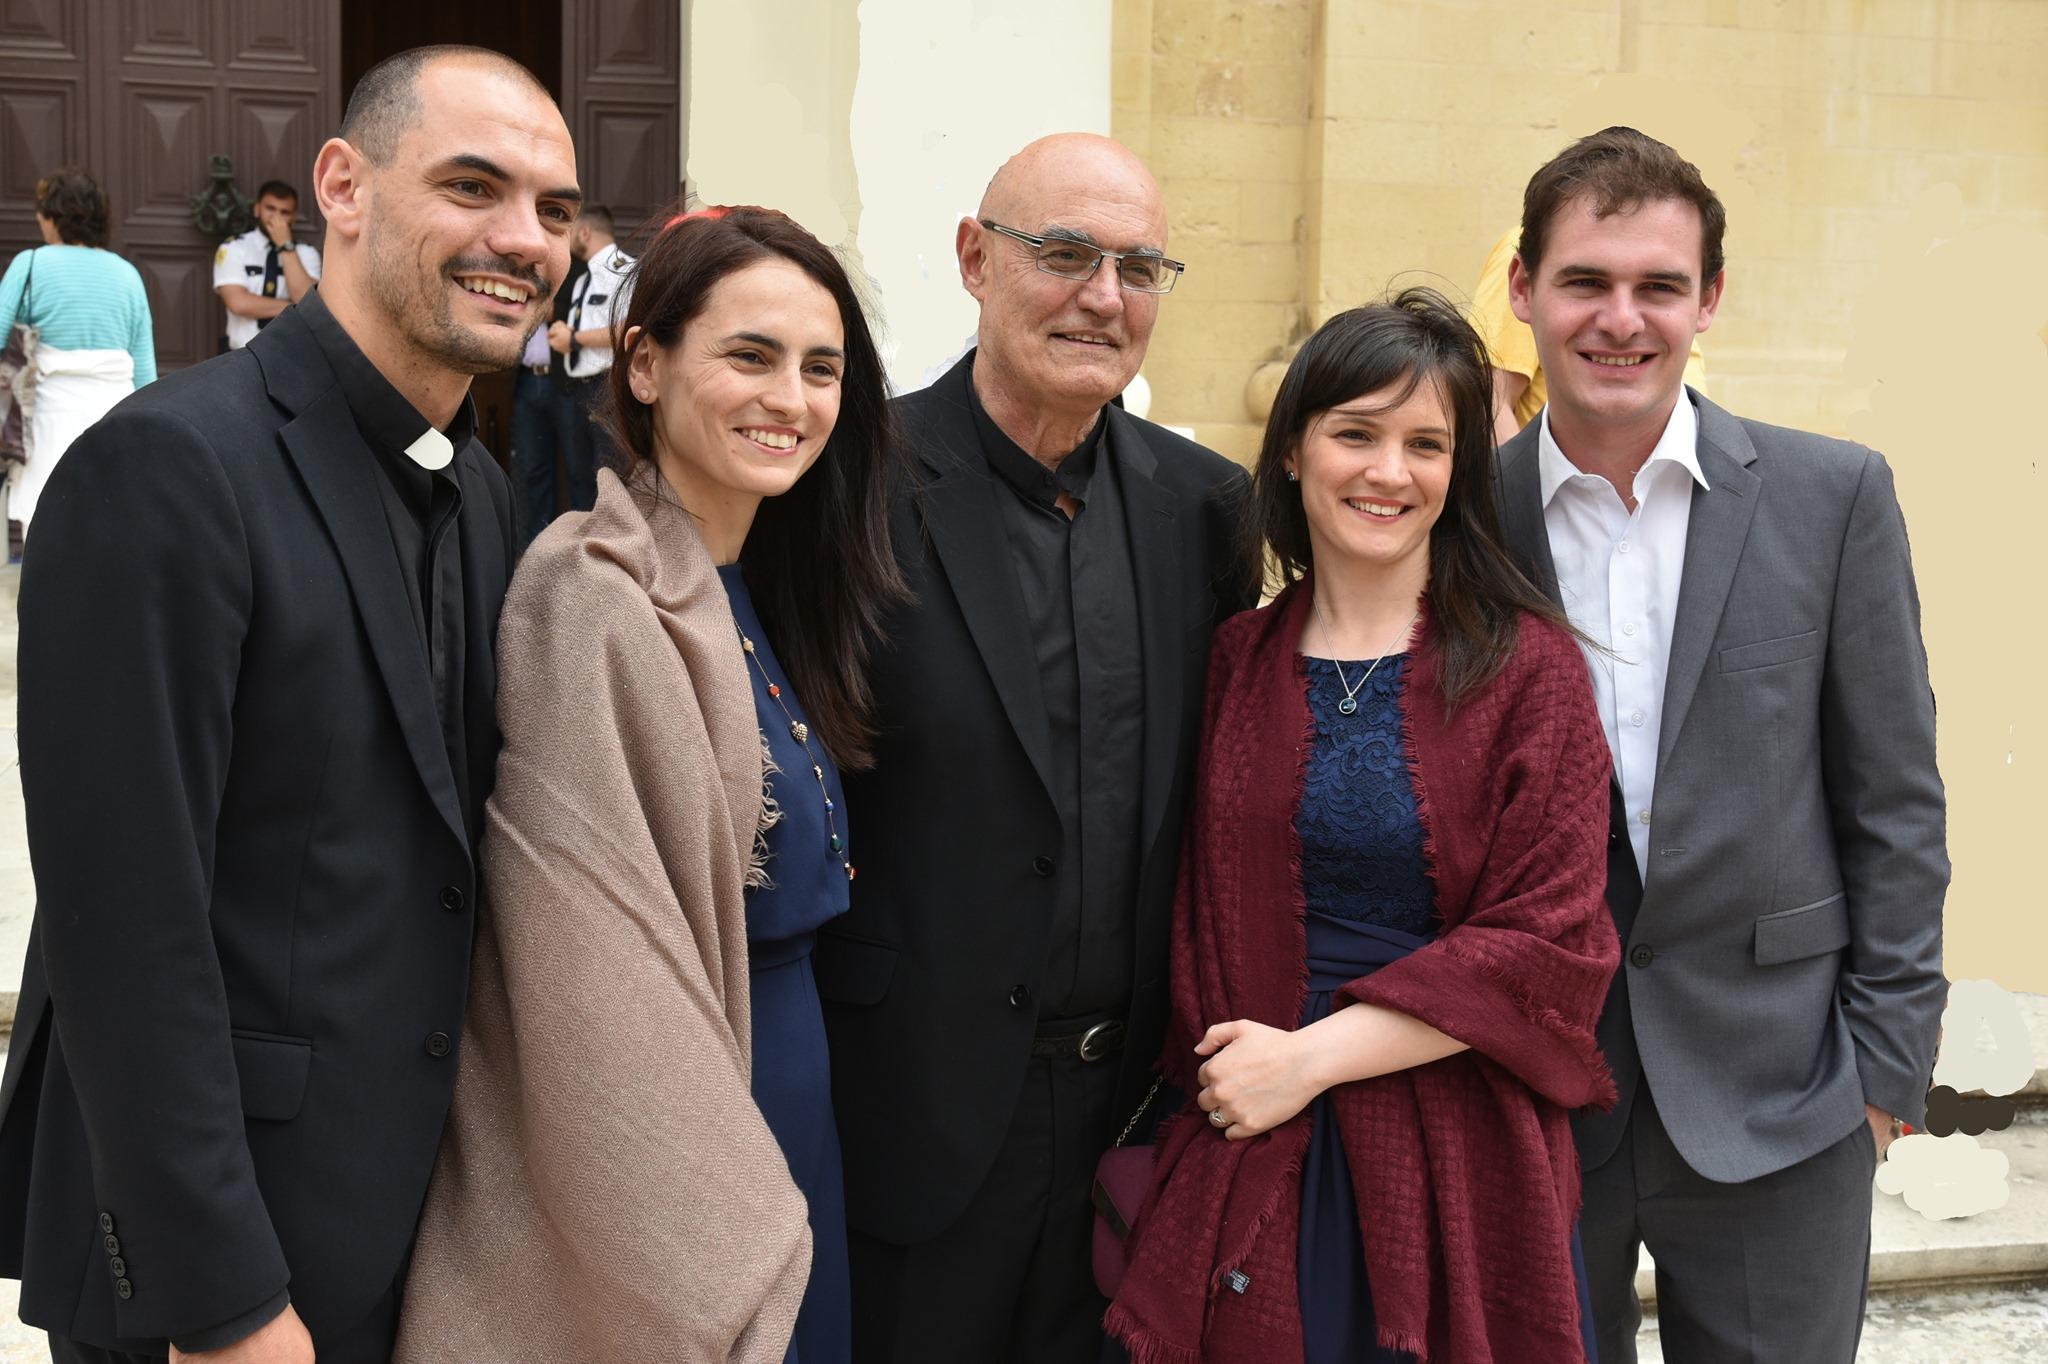 Fr Tony Pace Malta